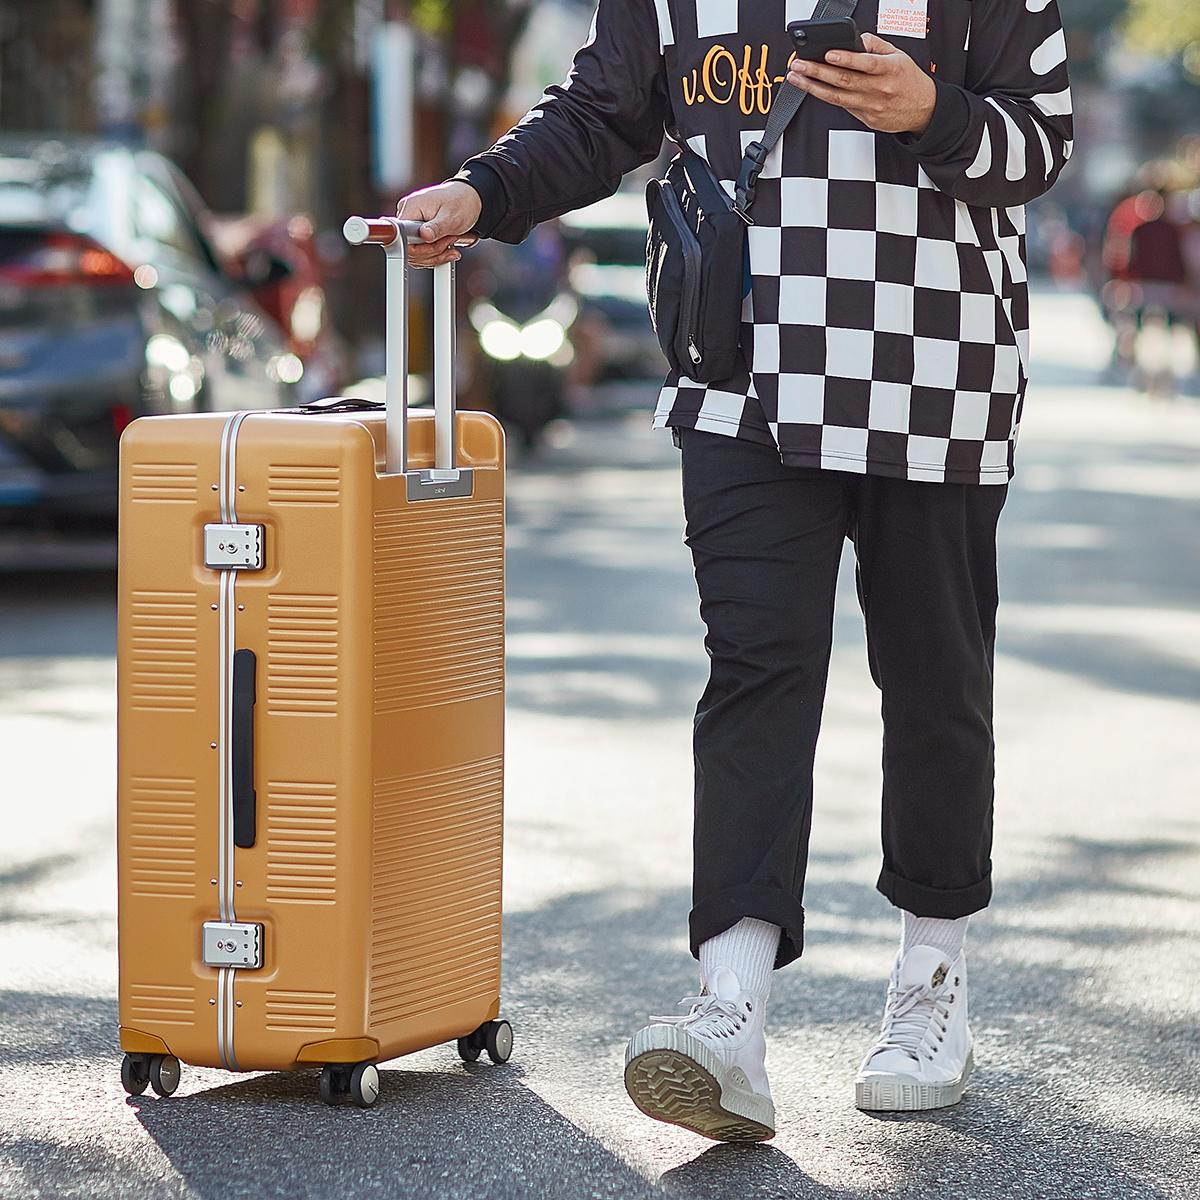 ハンドルが「ハンガーラック」に早変わりする、T字タイプのハンドル「TT Handle」を採用したスーツケース(37L・1〜2泊・機内持ち込みサイズ)|RAWROW